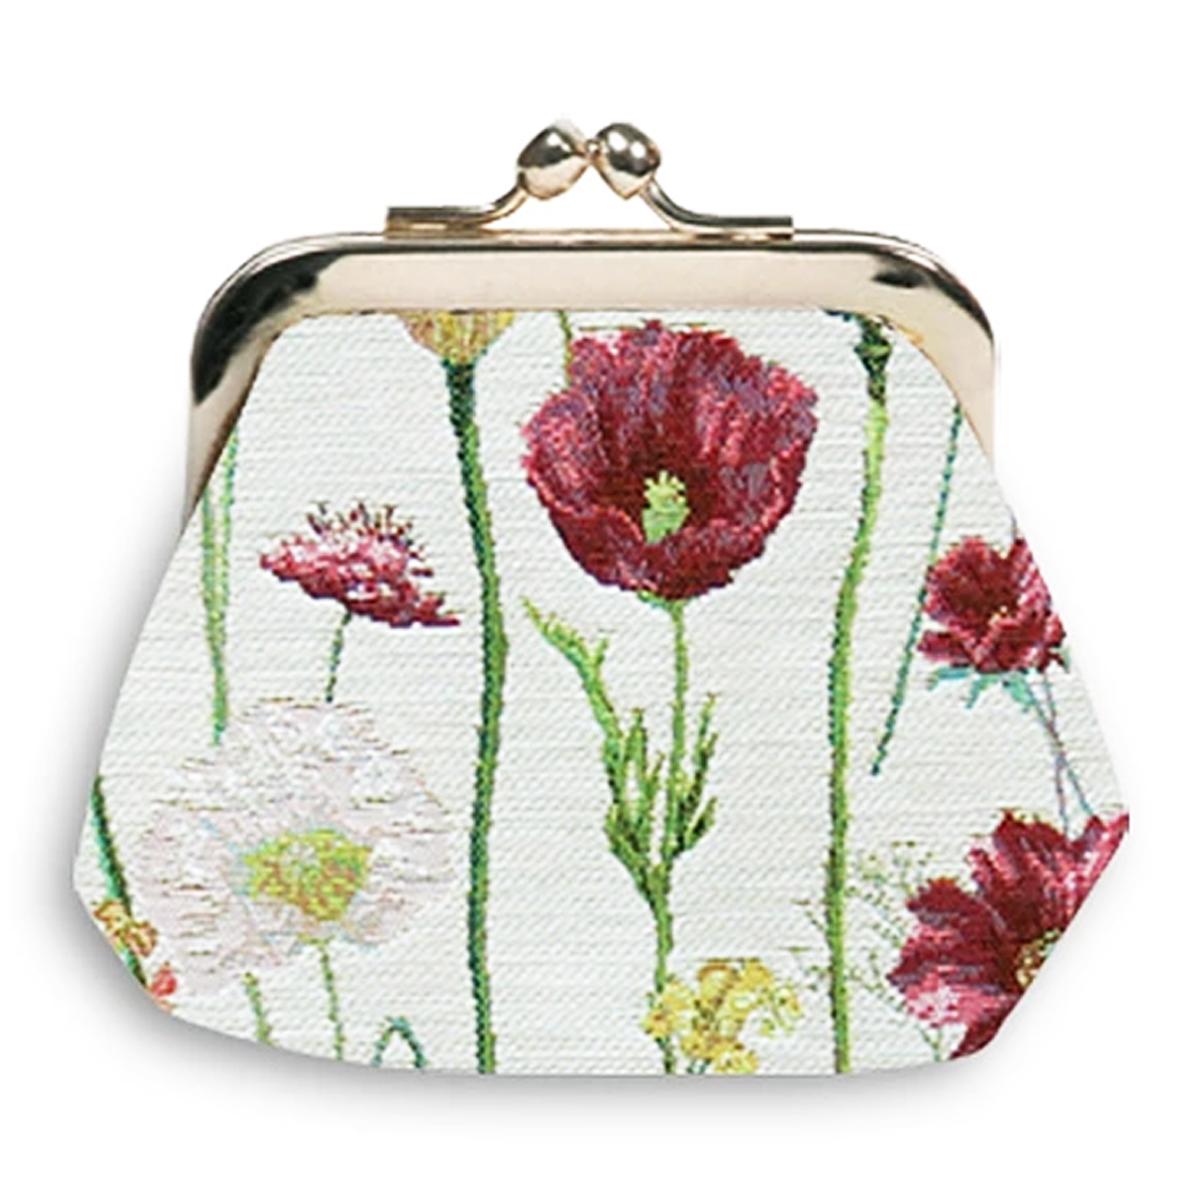 Porte-monnaie artisanal \'Royal Tapisserie\' blanc multicolore (fleurs des champs)  - 11x10x1 cm - [Q6378]